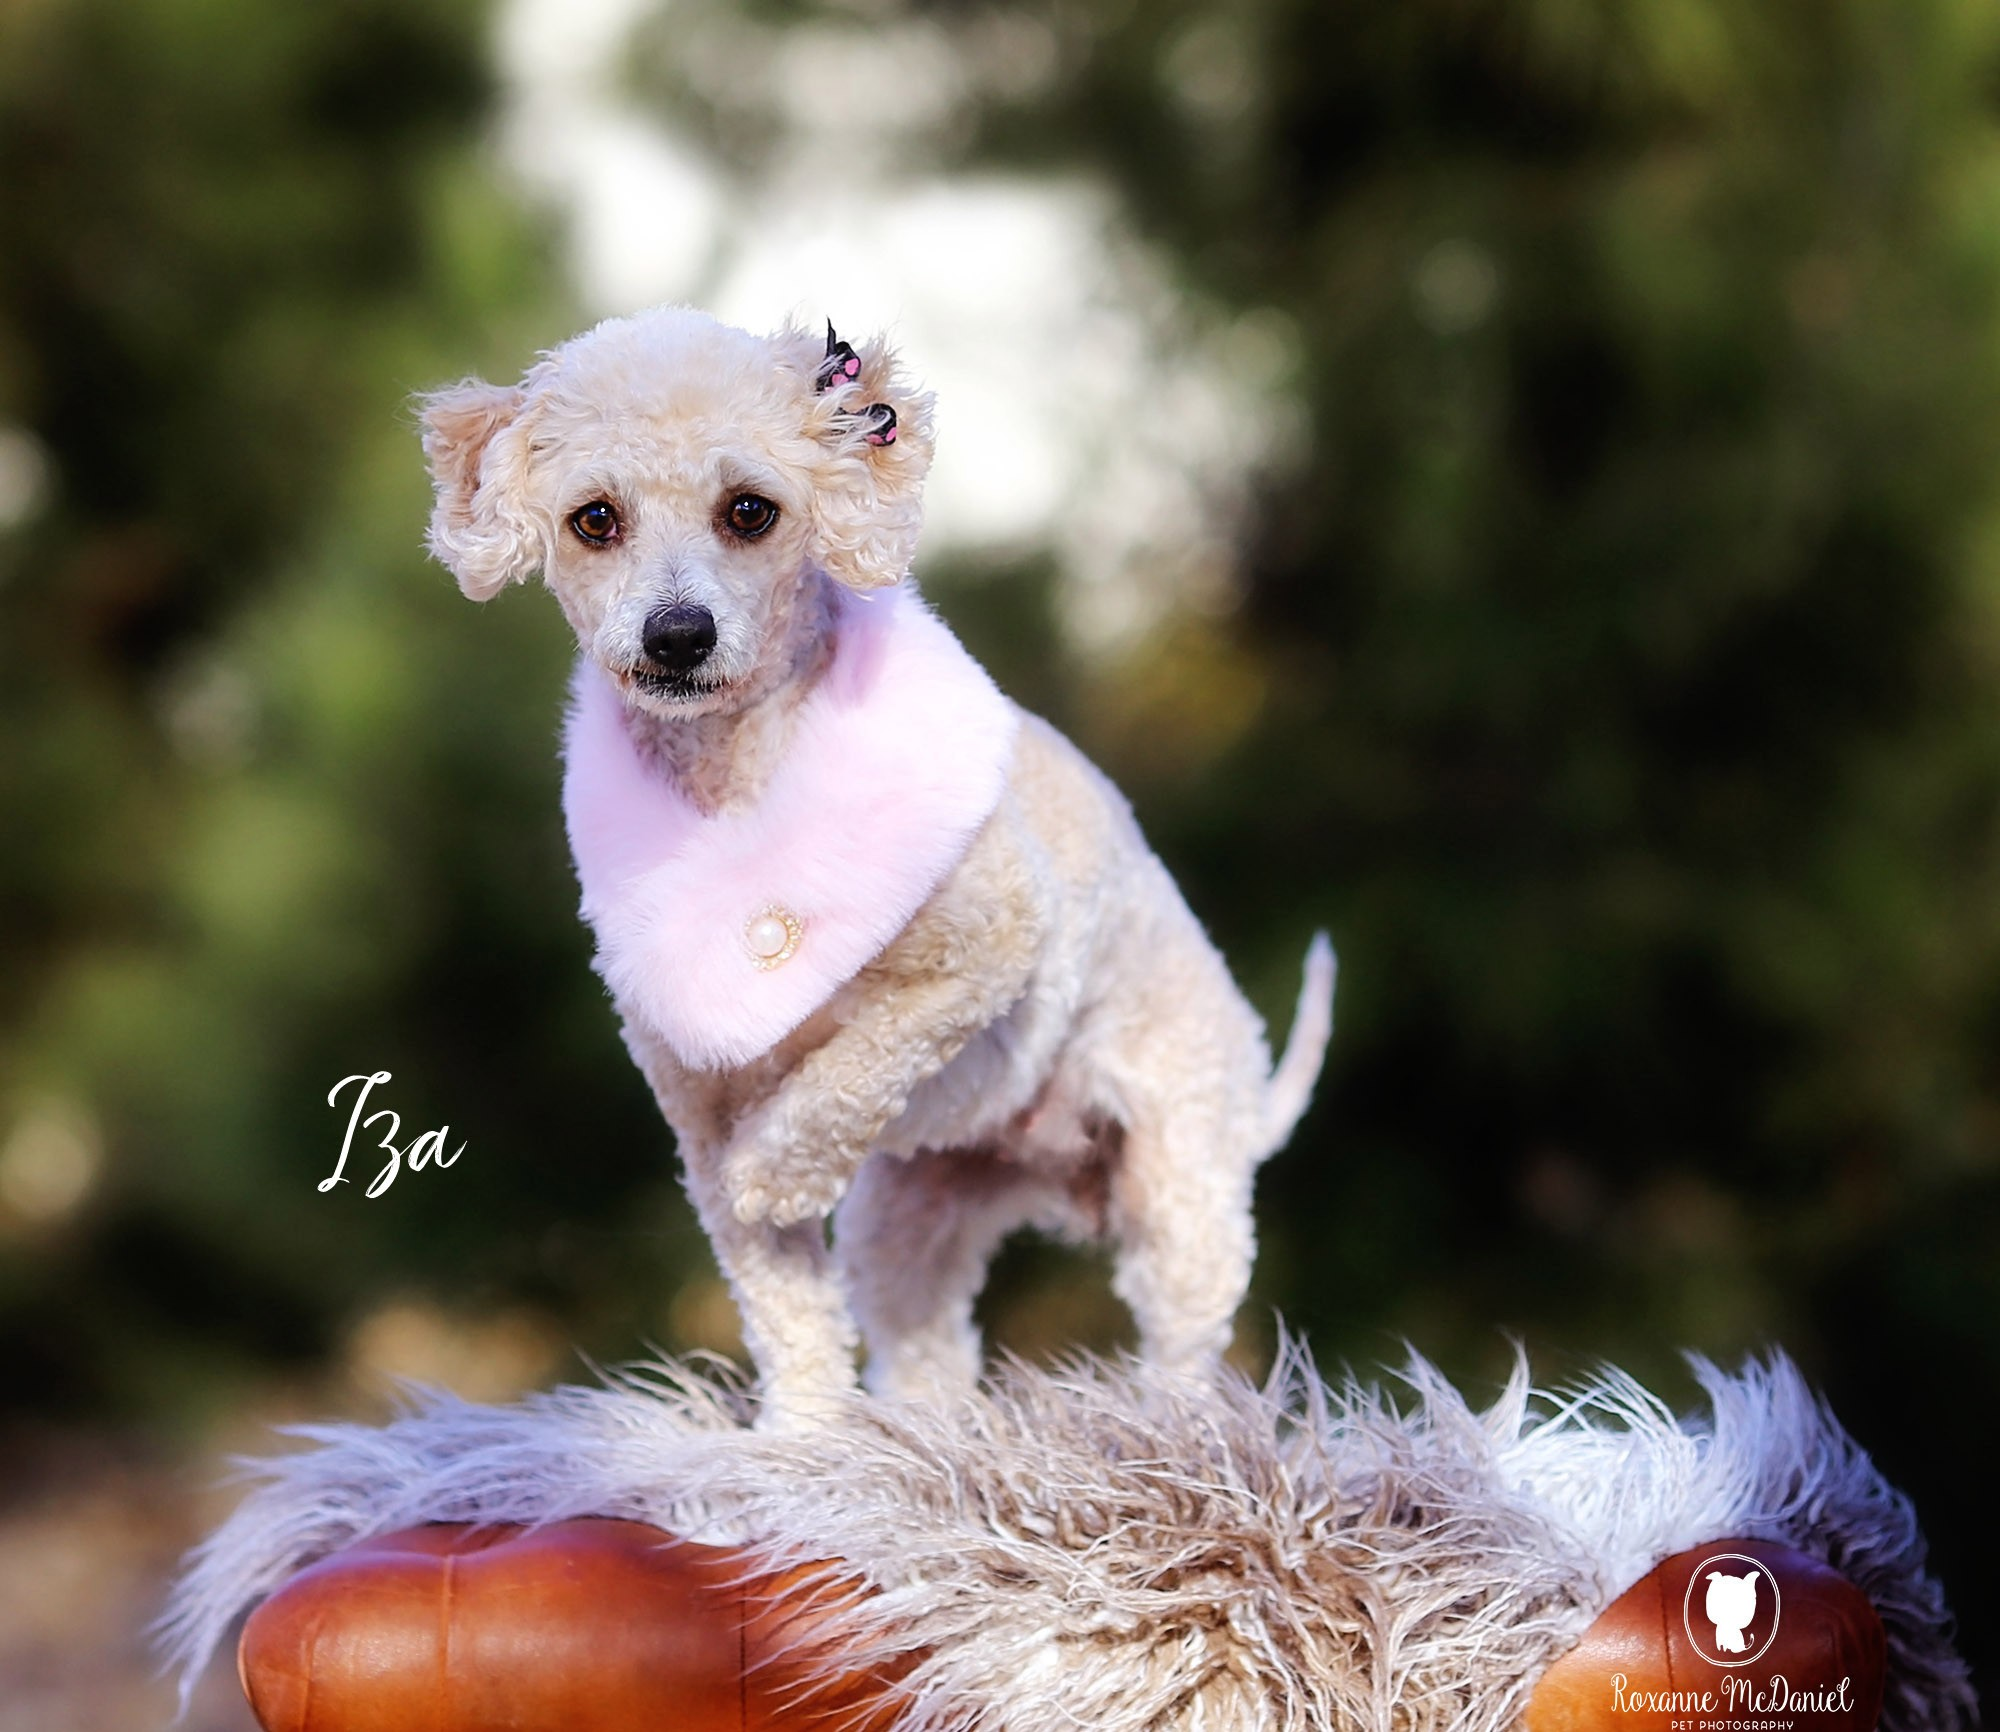 Lubbock, TX - Poodle (Miniature)  Meet IZA a Pet for Adoption